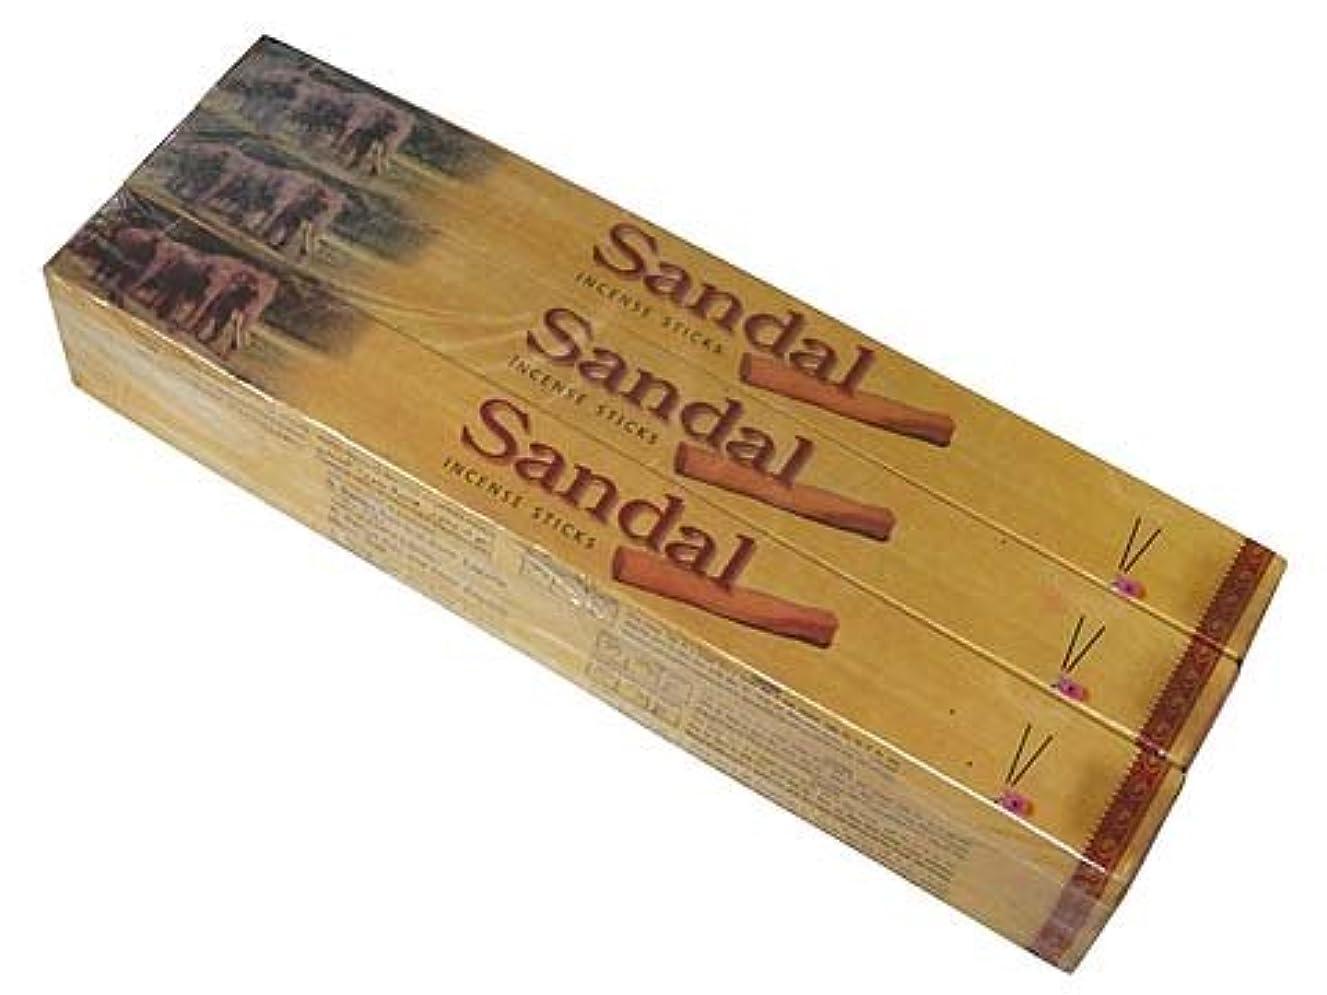 ハーフ組み込む効果CYCLE(サイクル) サンダル香 スティック SANDAL 12箱セット